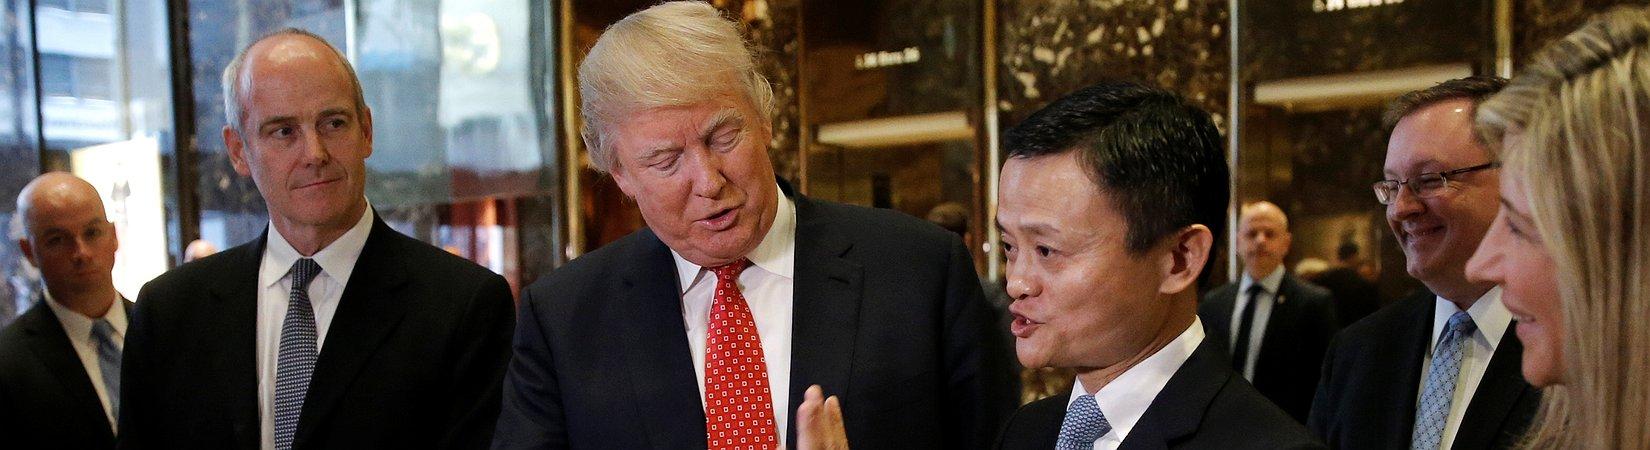 Todos contra todos: Trump, directores ejecutivos y  accionistas